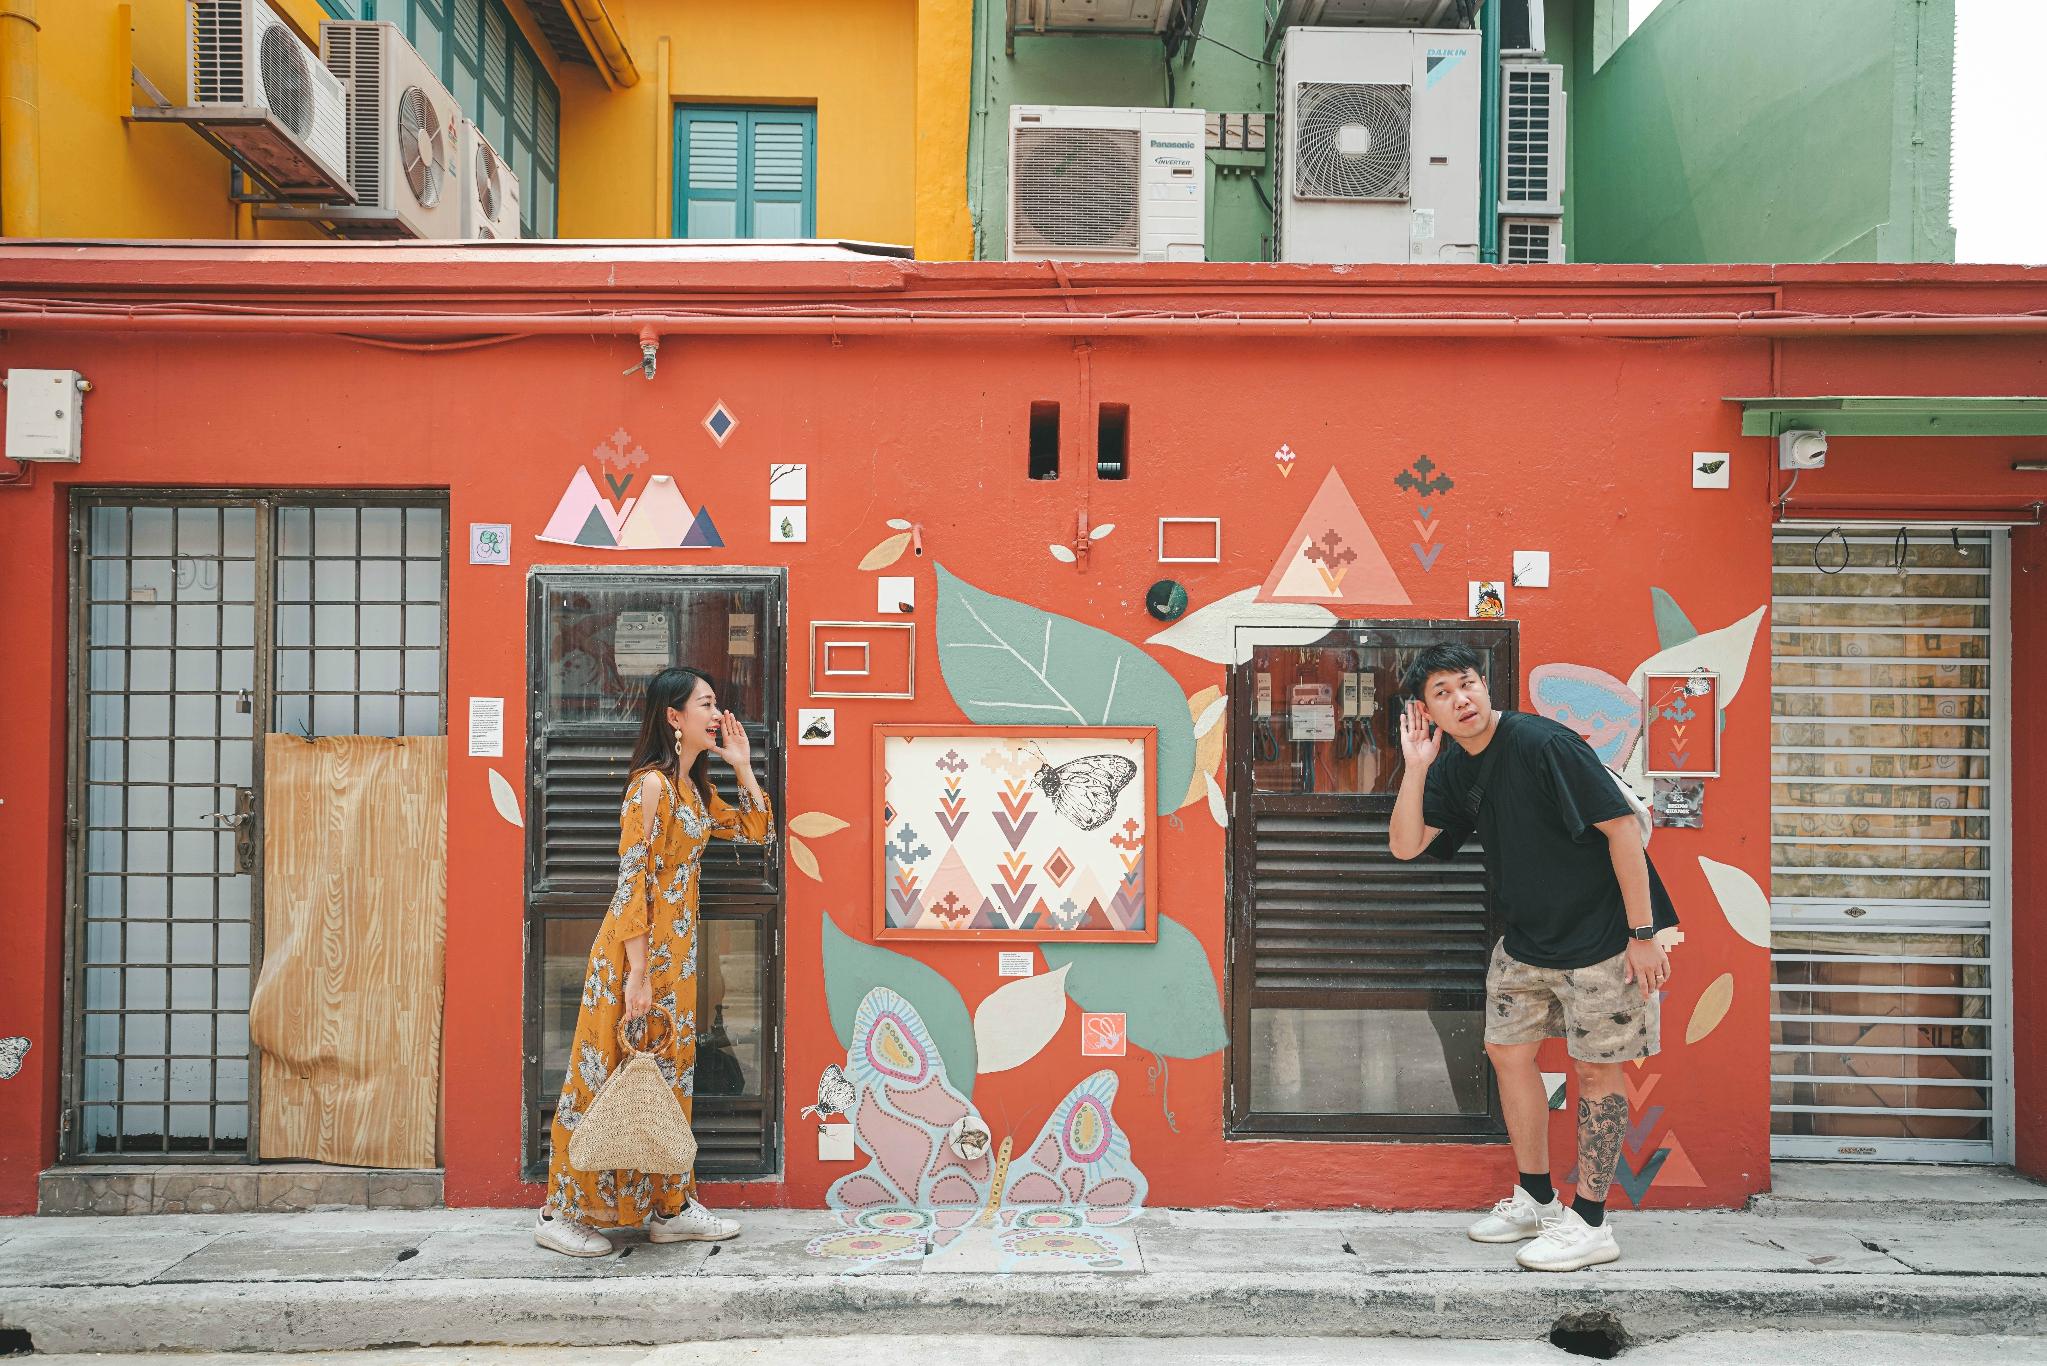 一人一猫蜜月旅行,牵手走过半海半城新加坡巴厘岛之旅